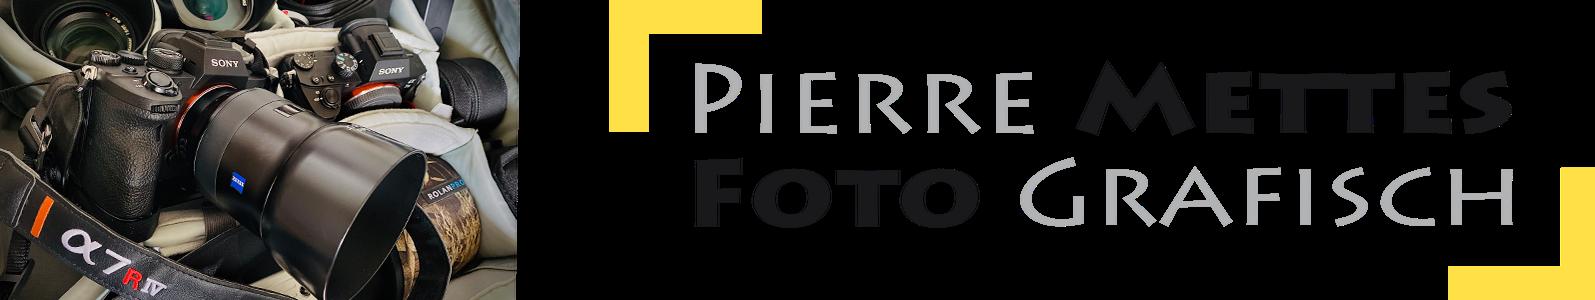 Pierre Mettes Foto Grafisch